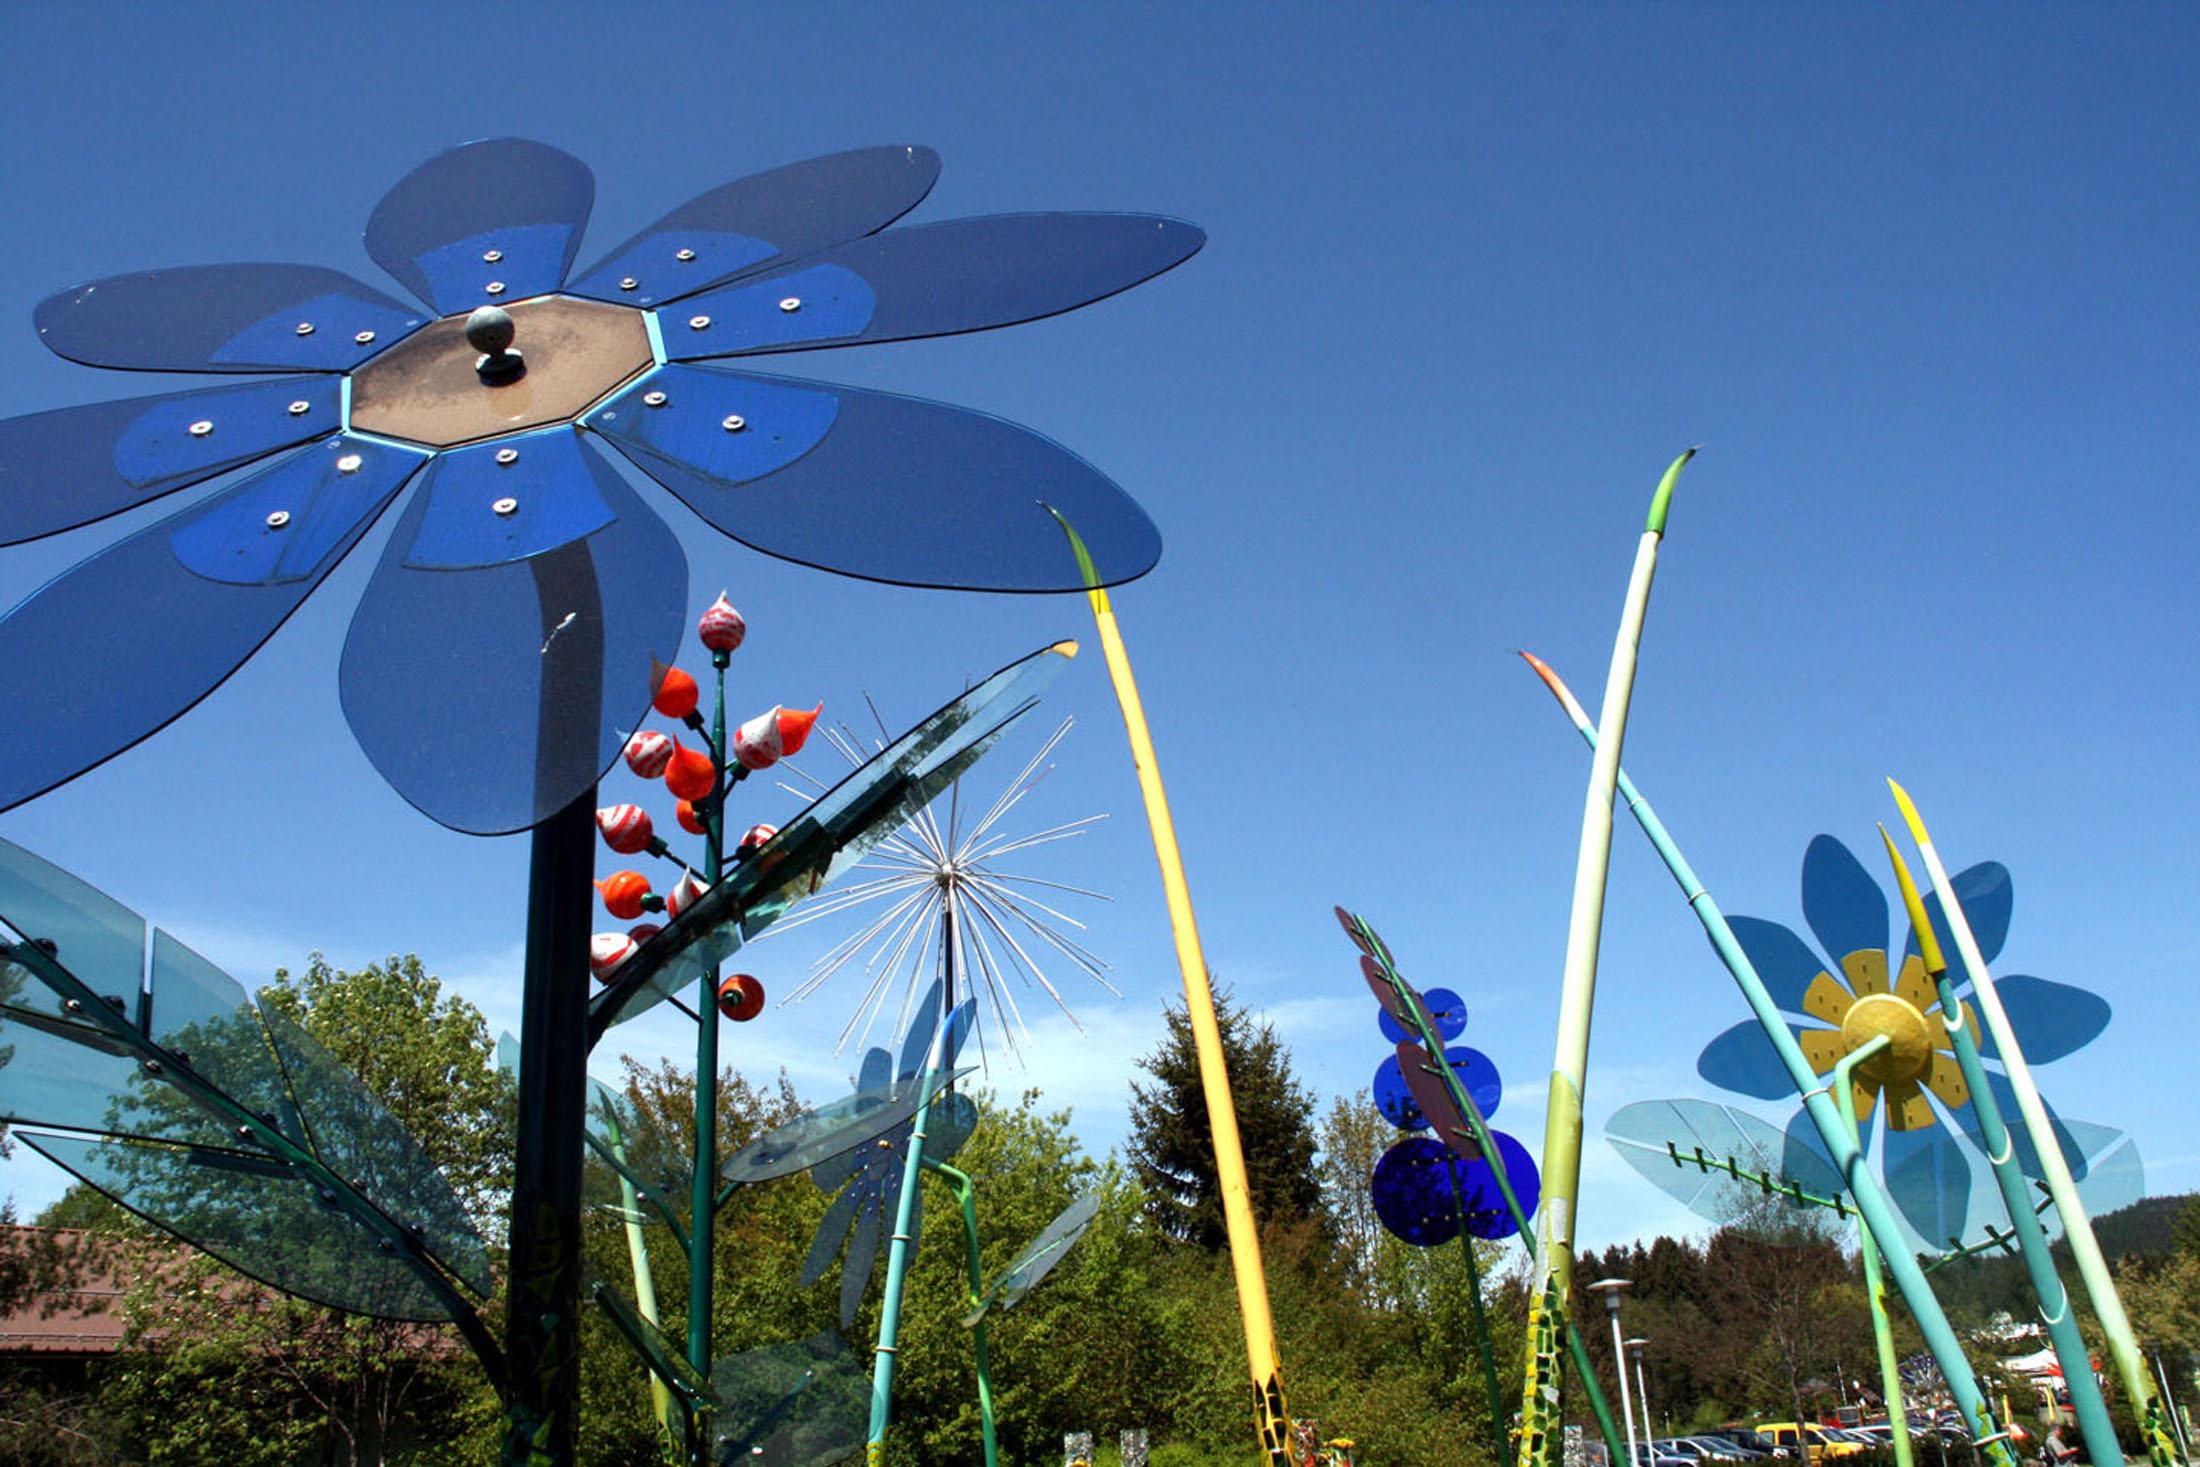 Glas Flowers at JOSKA in Bodenmais- Glasblumen bei JOSKA Kristall